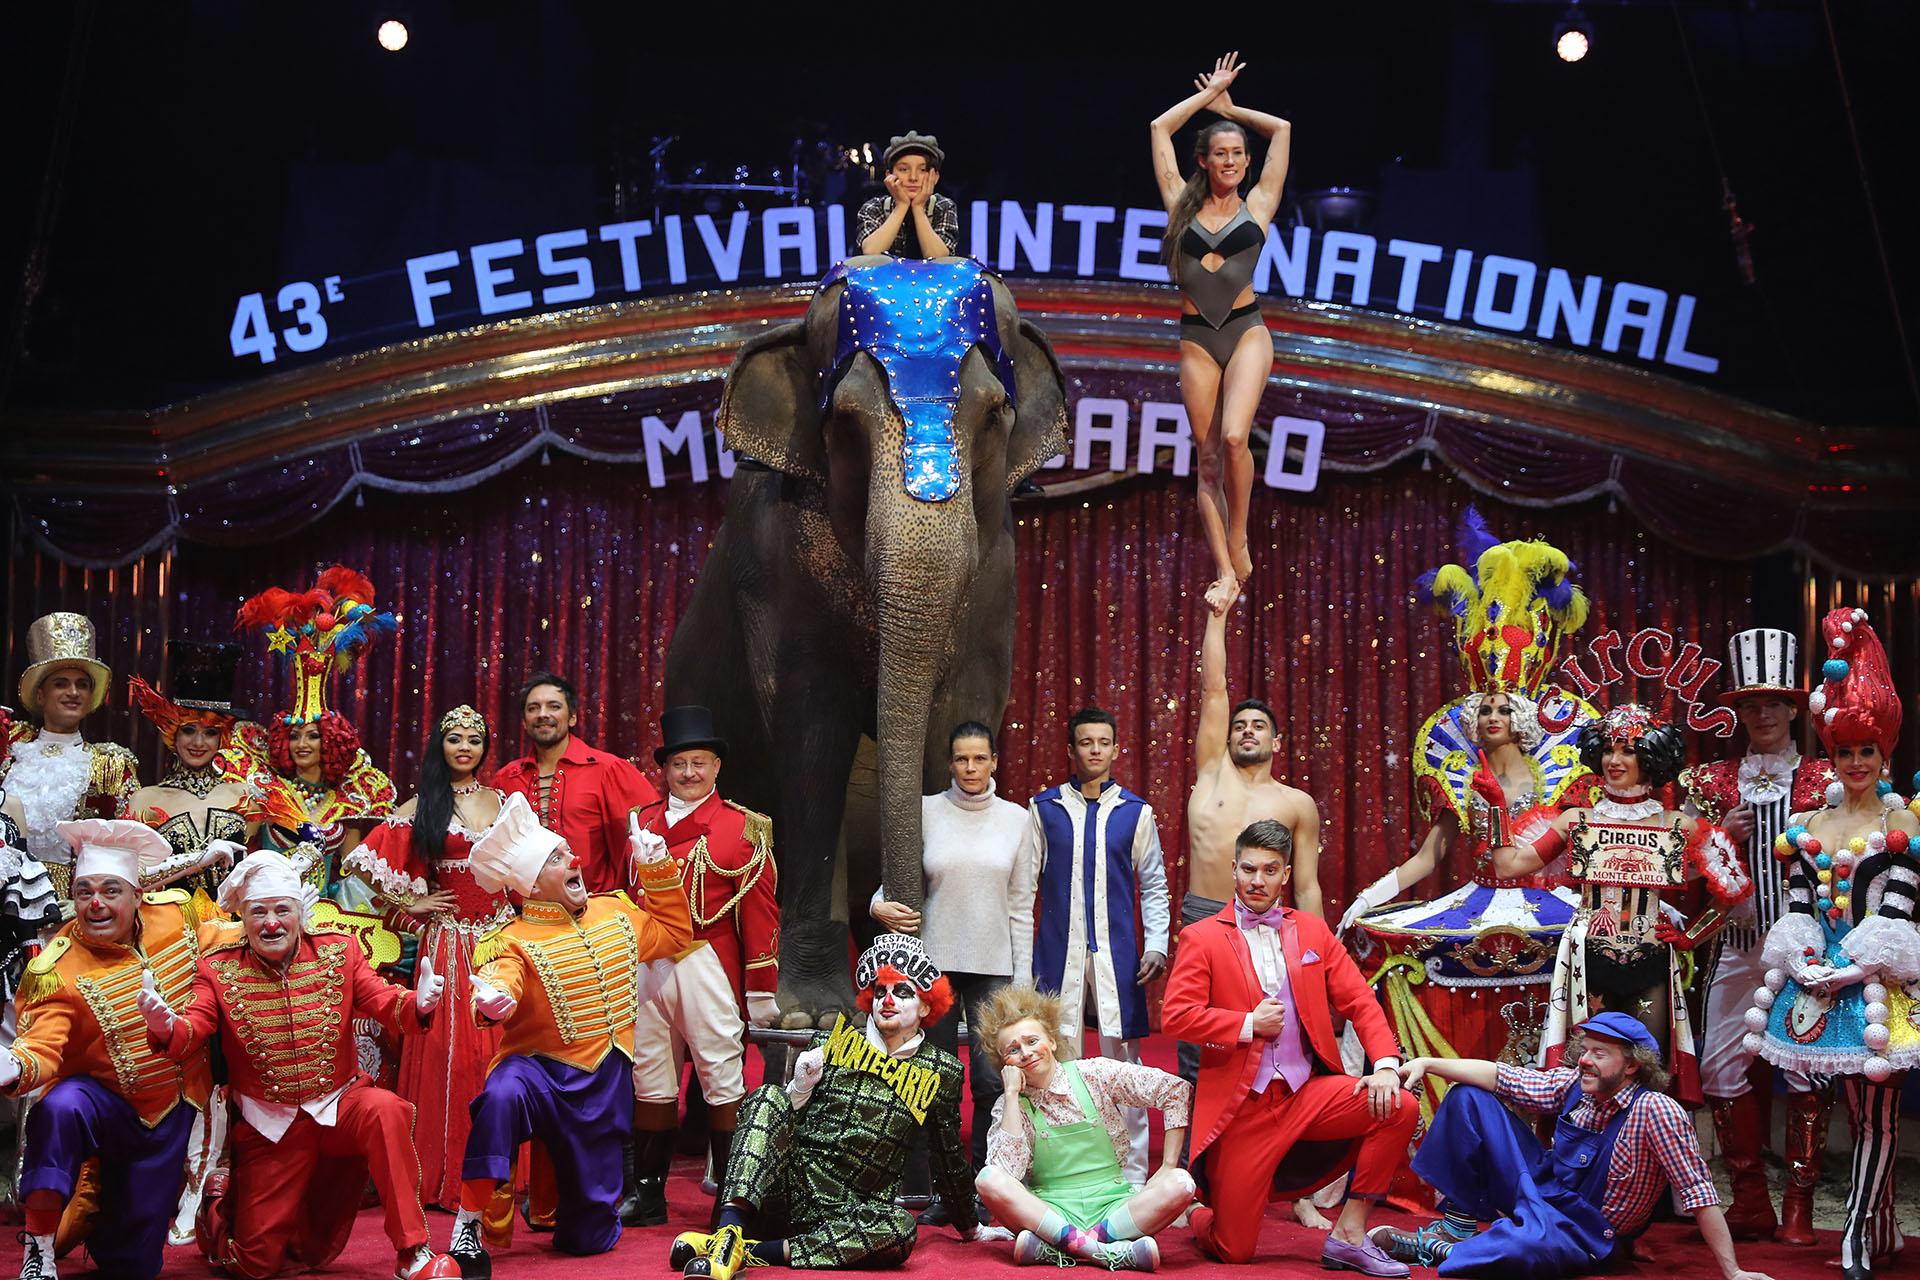 Estefanía de Mónaco posa con los artistas y un elefante en la apertura del la 43° edición del Festival Internacional de Circo de Monte Carlo